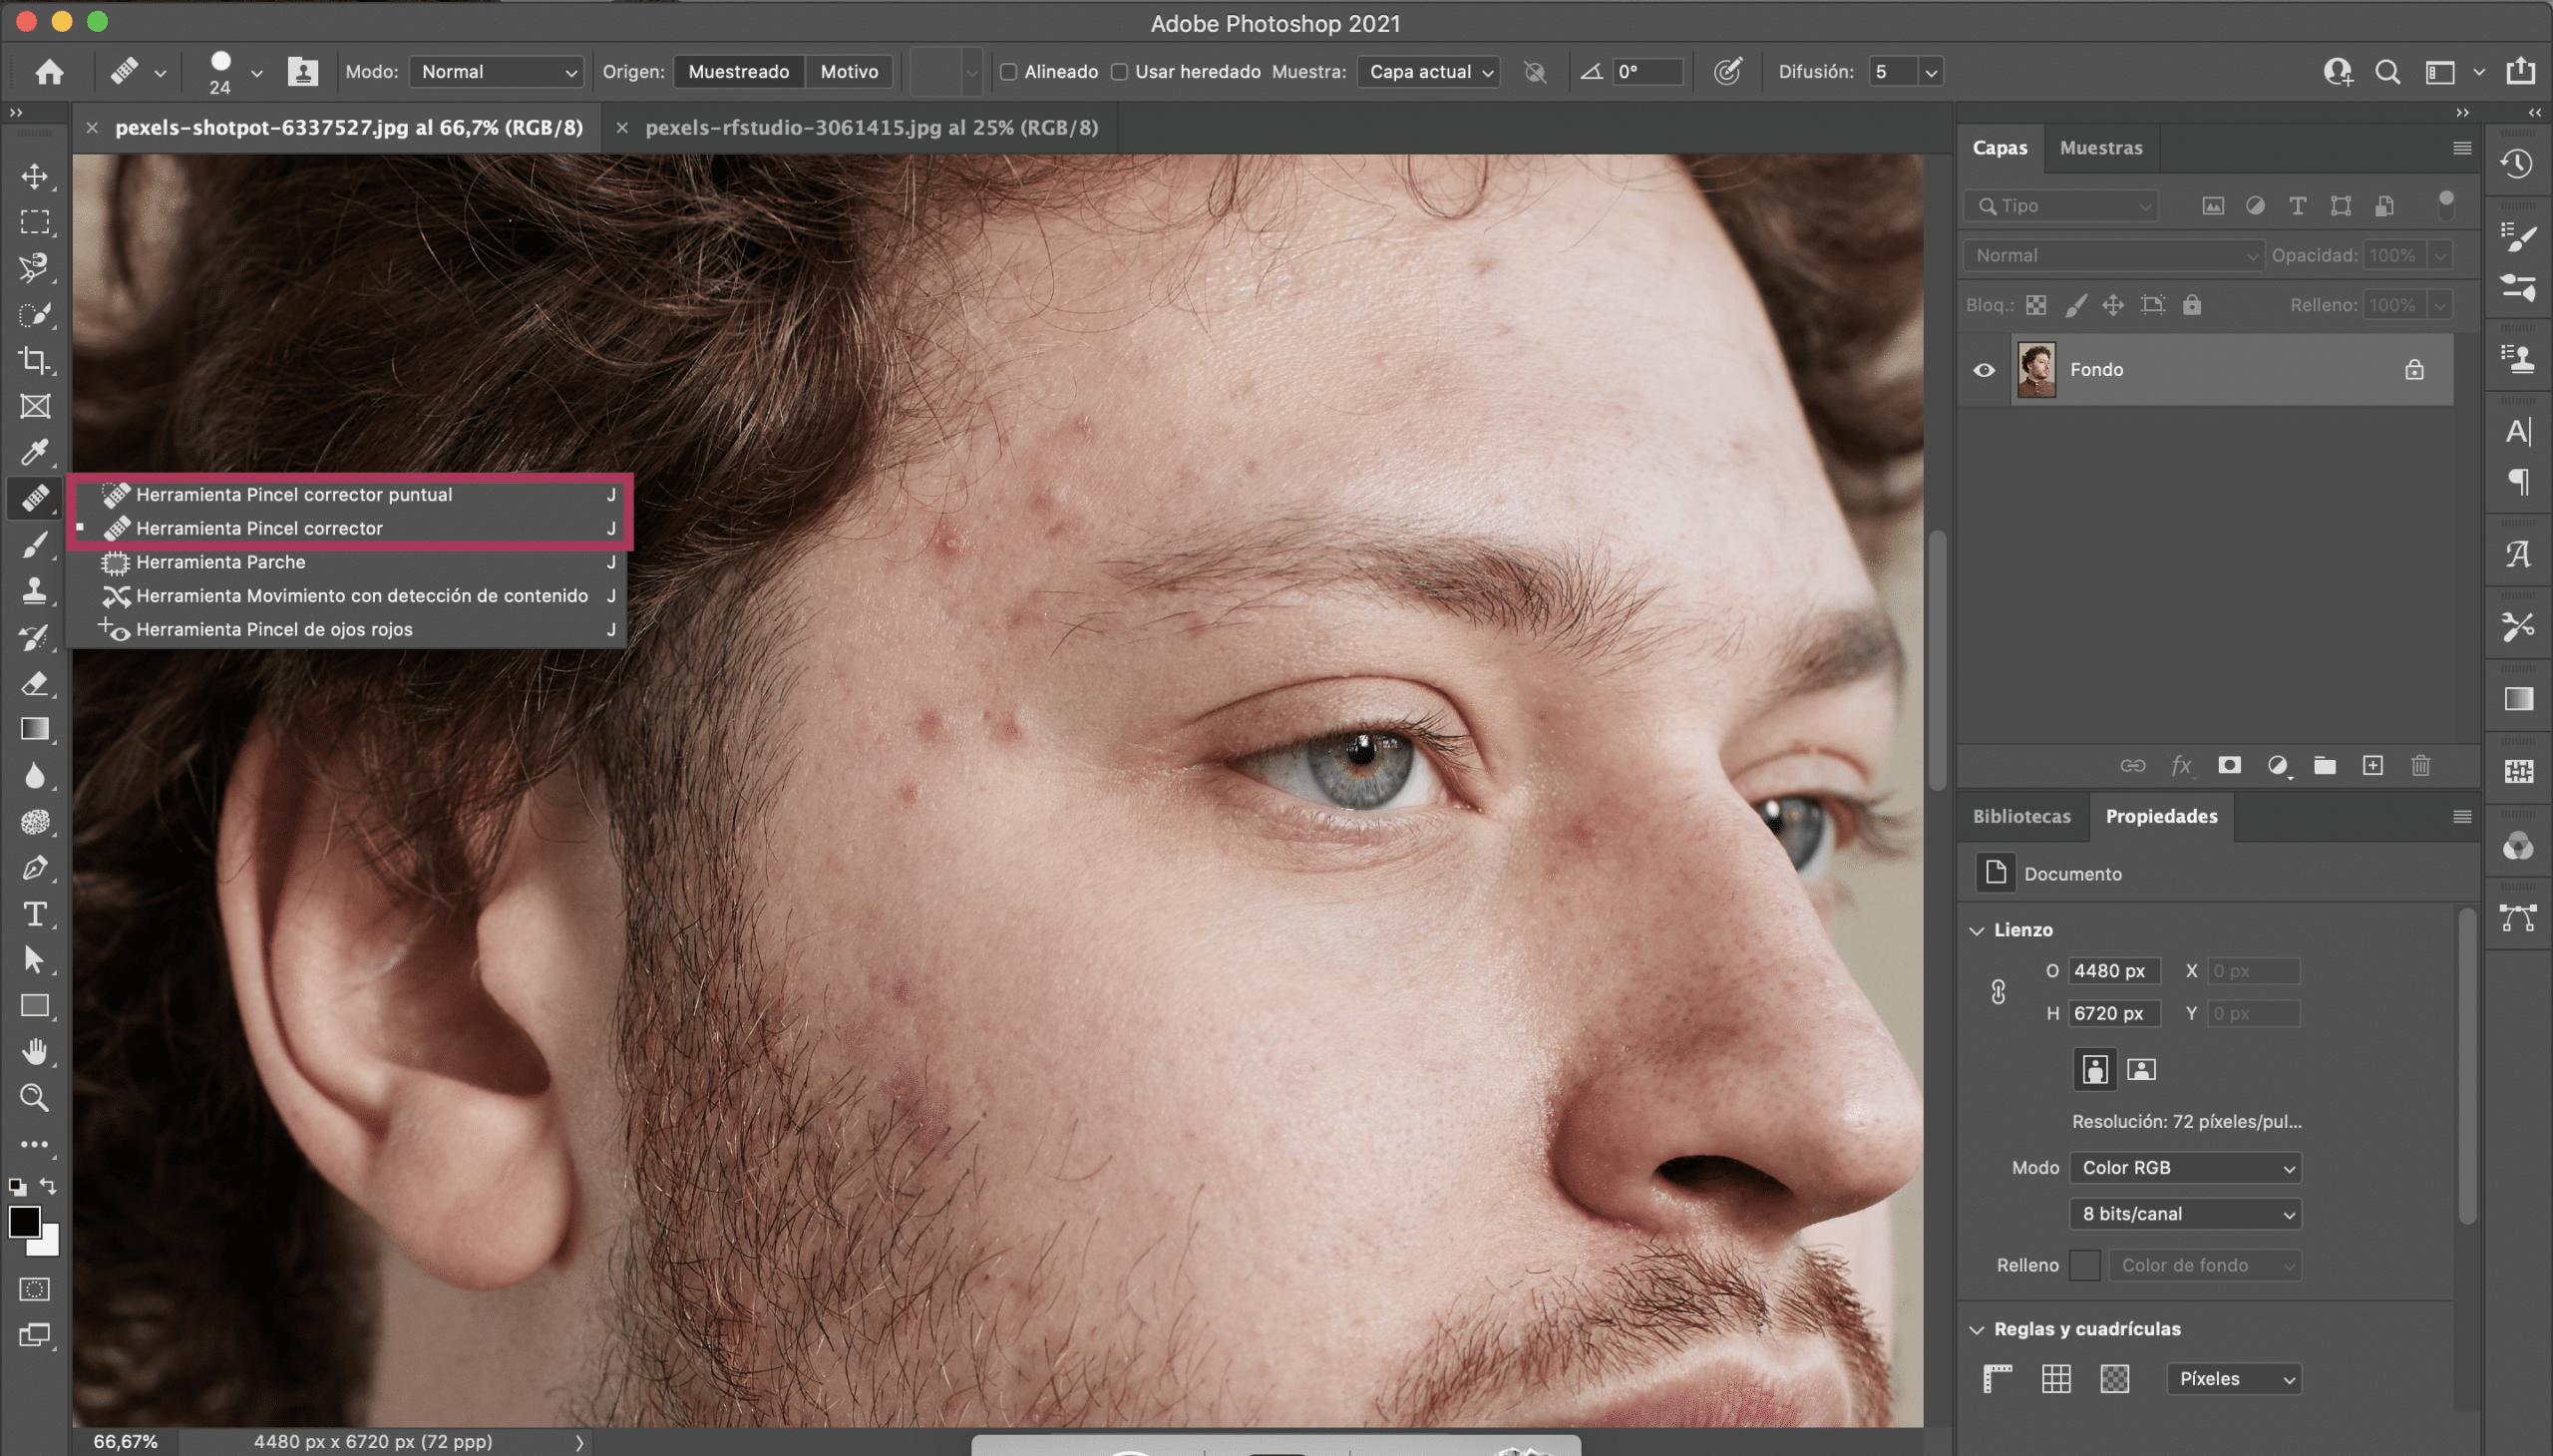 Abrir imagen y localizar herramientas para suavizar piel en photoshop